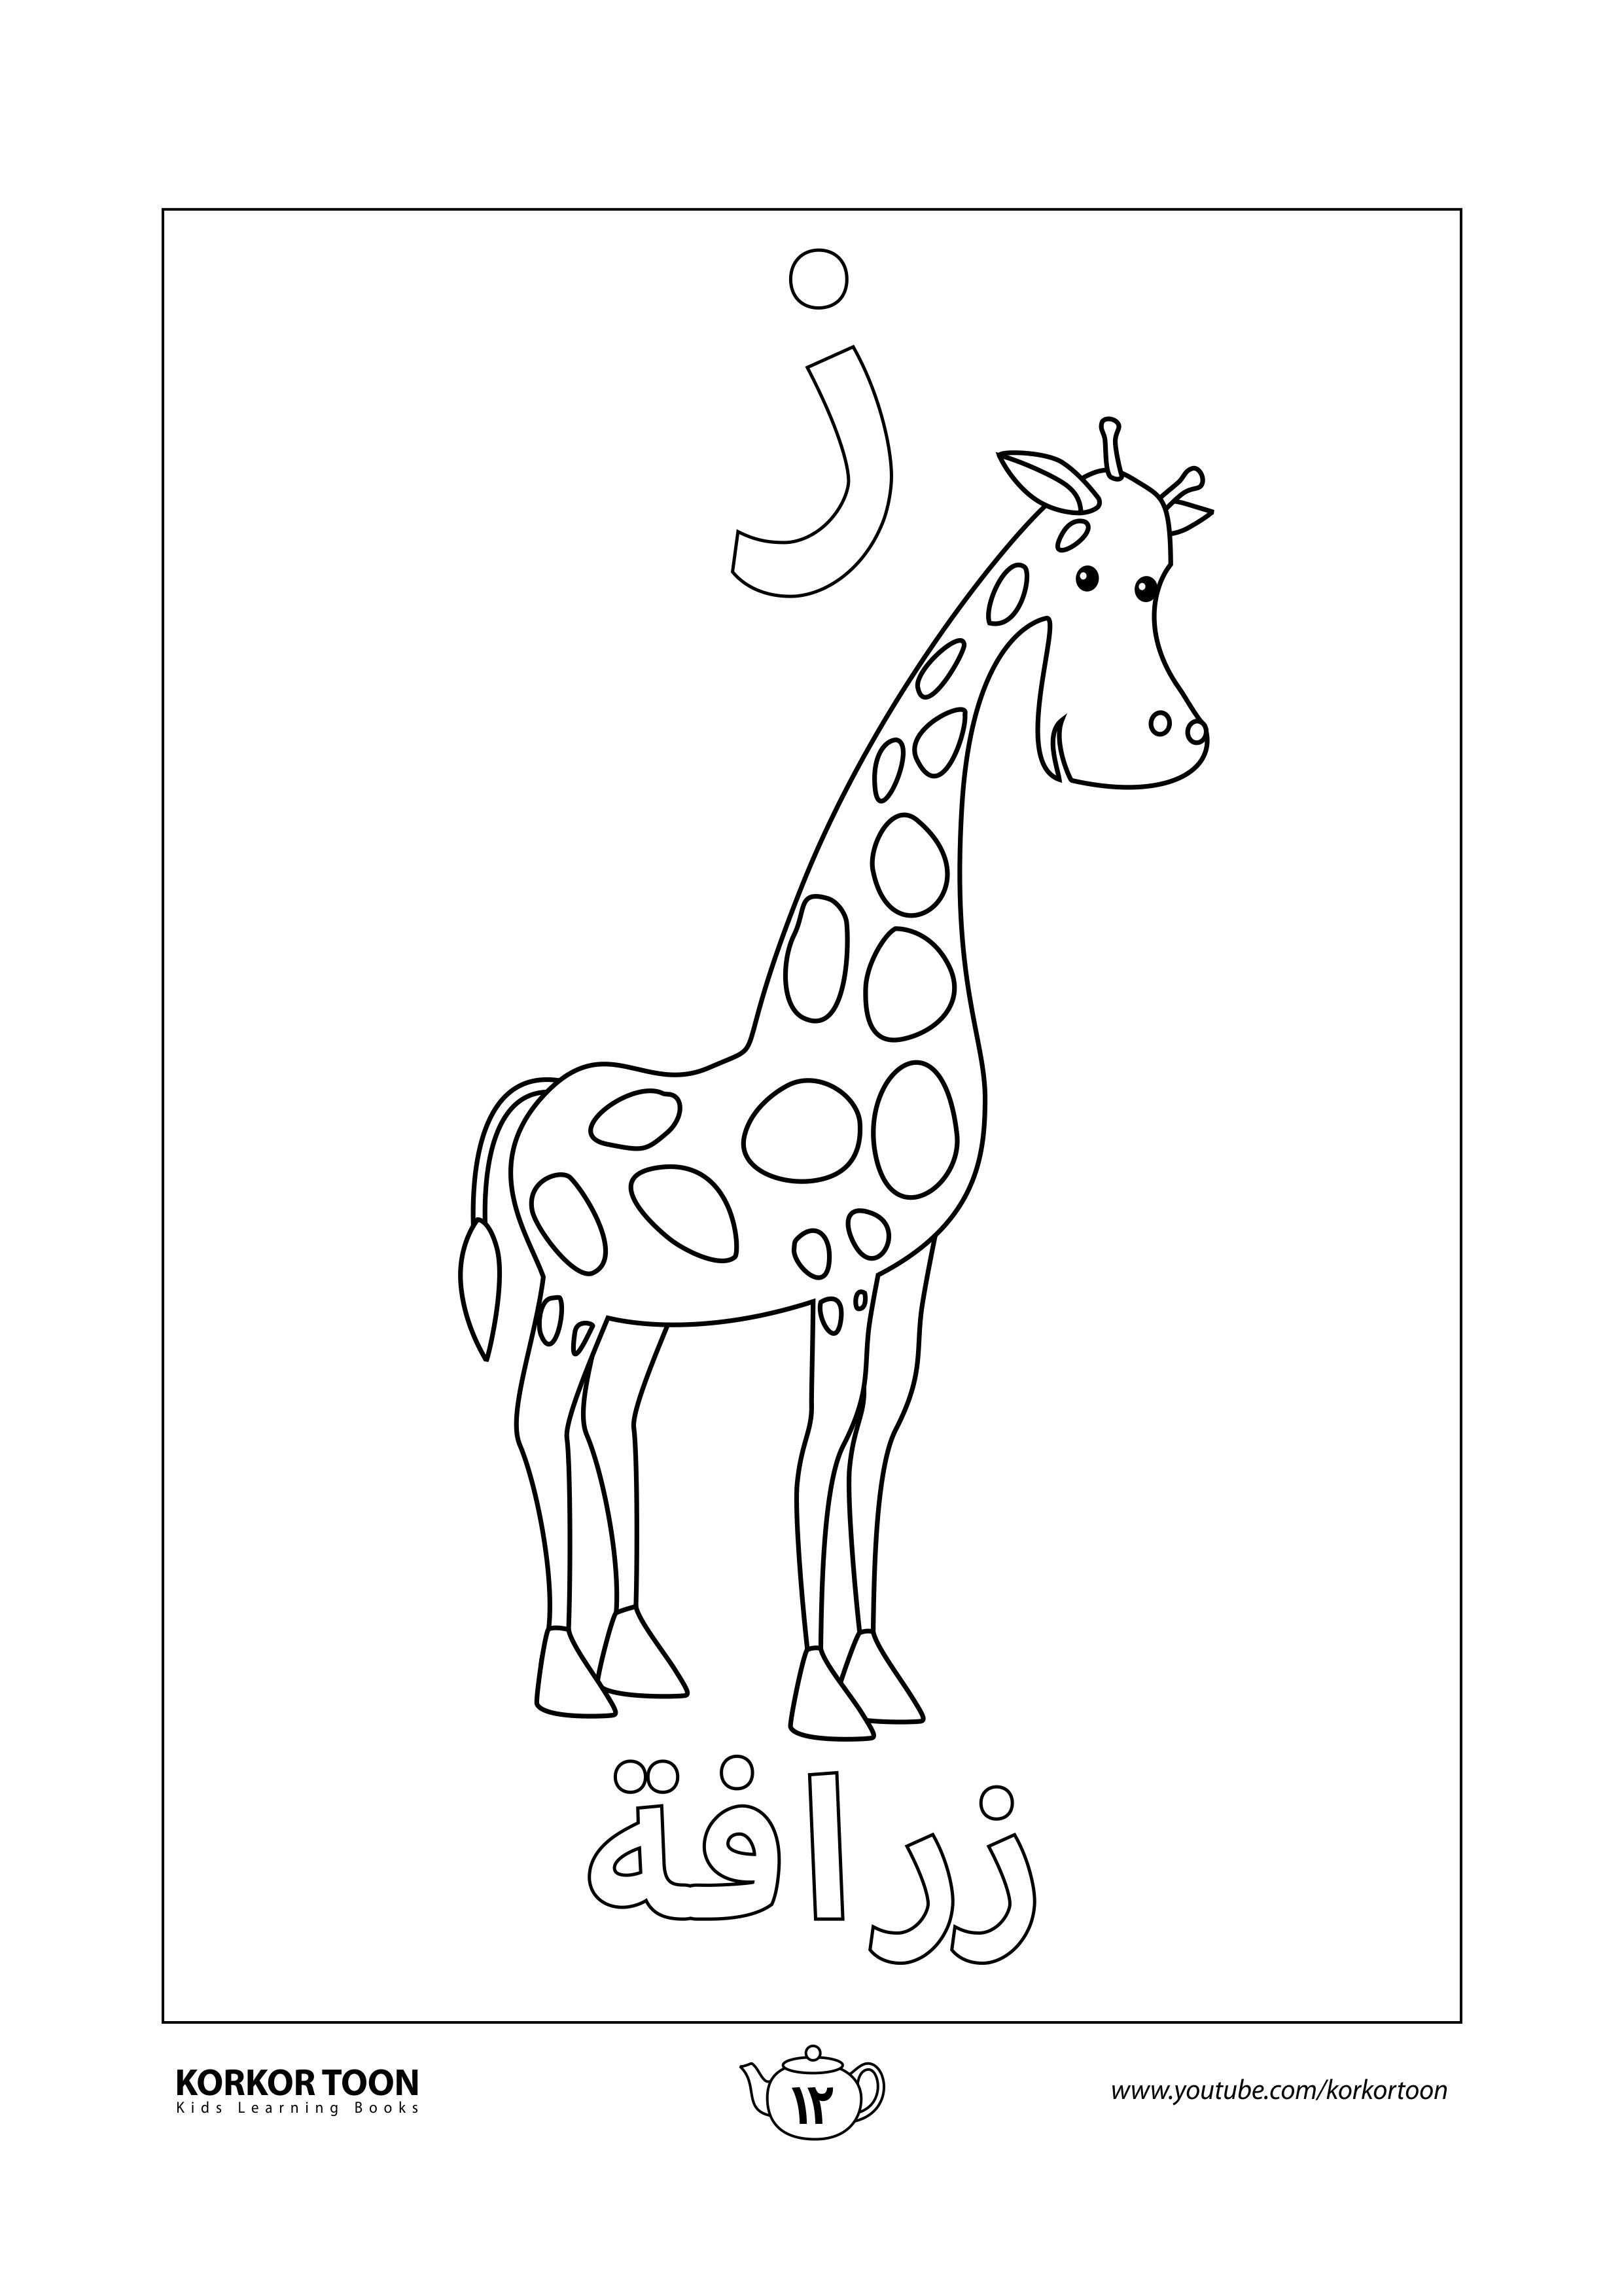 صفحة تلوين حرف الزين كتاب تلوين الحروف العربية للأطفال Learning Arabic Moose Art Humanoid Sketch